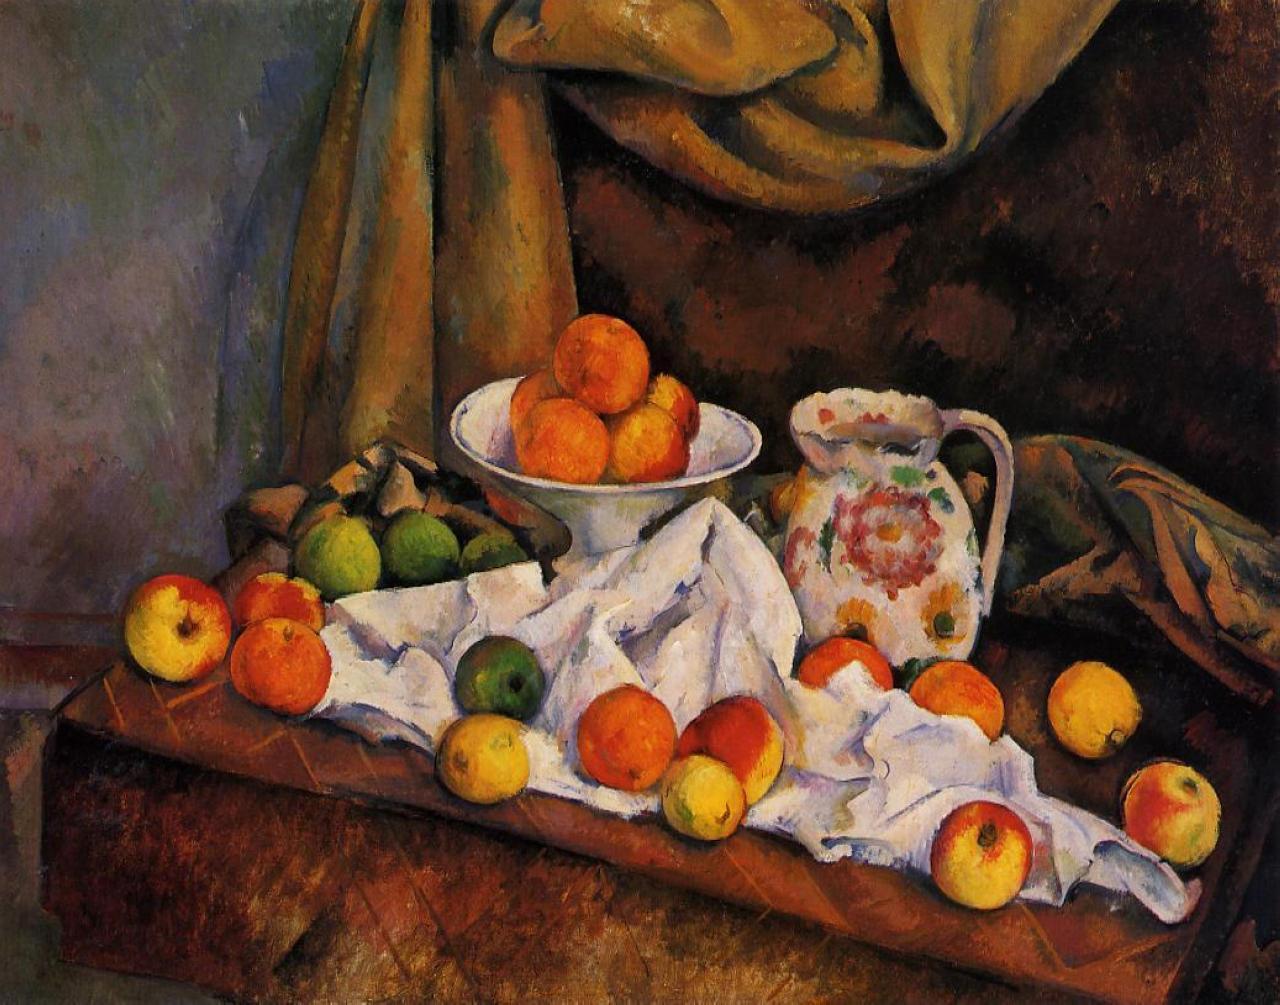 Поль Сезанн Ваза с фруктами, кувшин и фрукты. 1894г